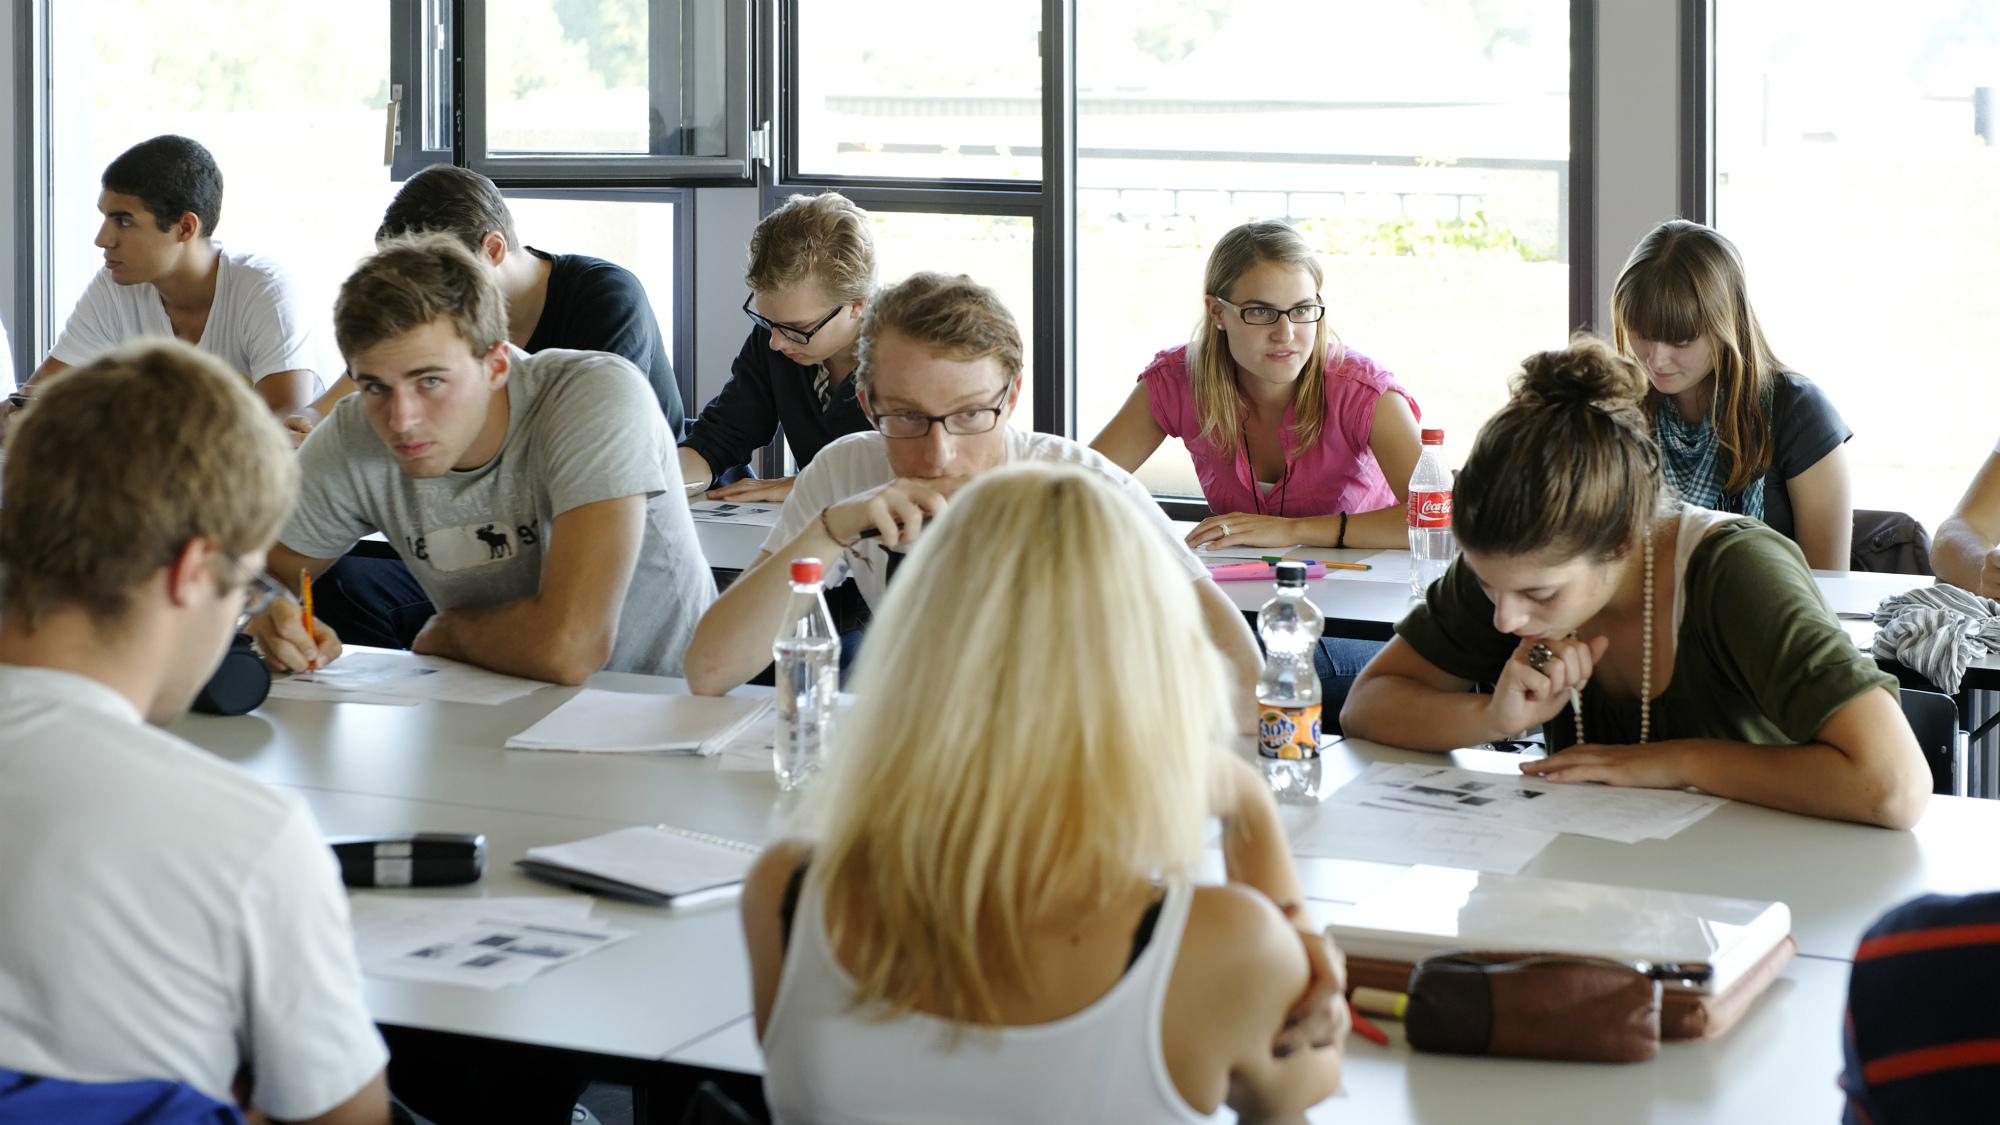 Masterarbeit merkblatt unisg argumentation schreiben gymnasium